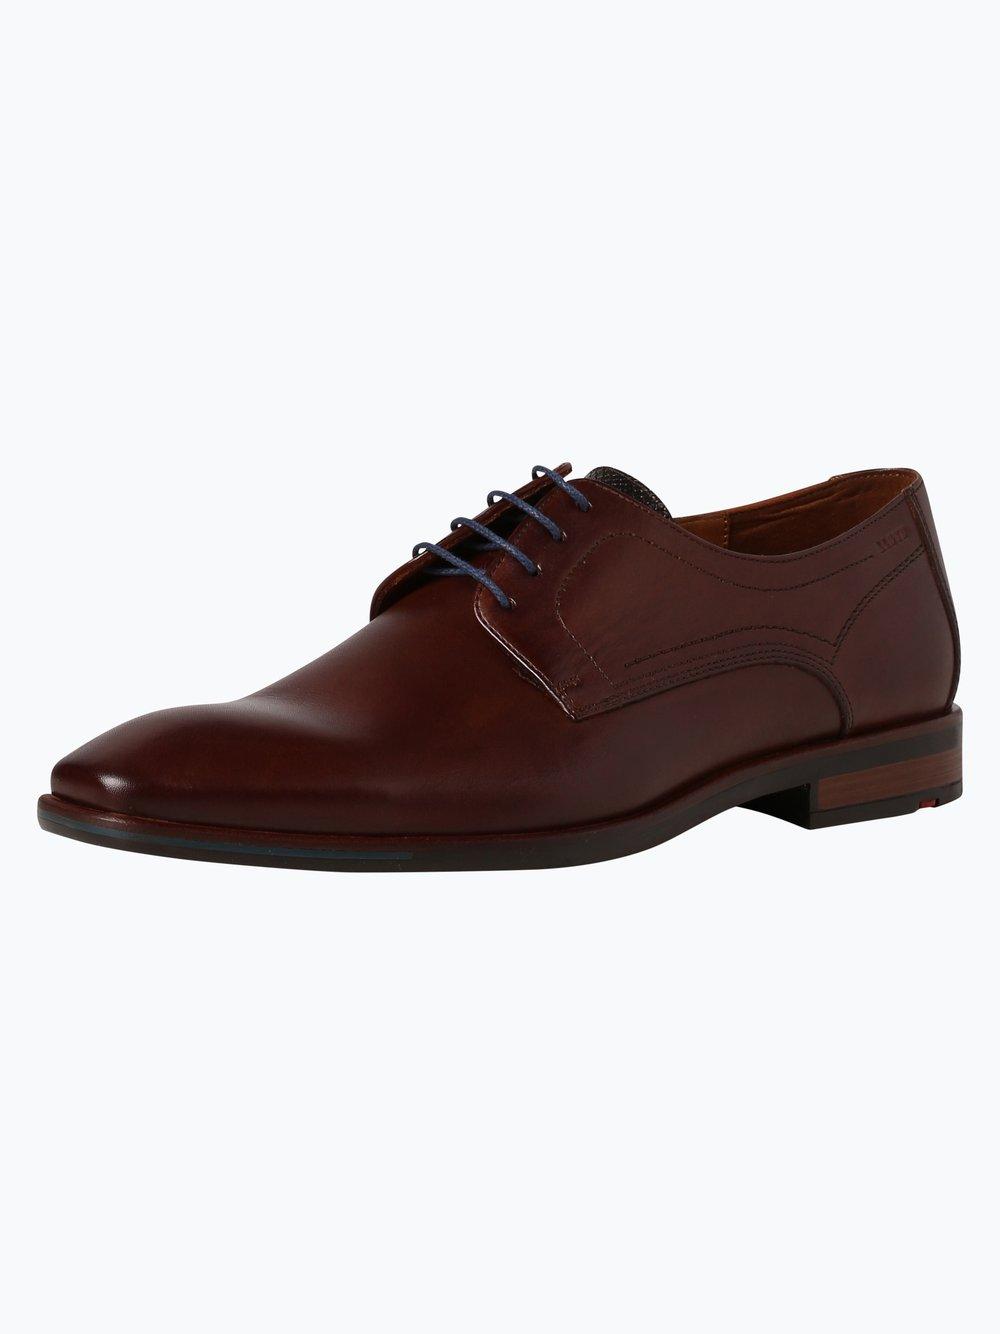 Lloyd – Męskie buty sznurowane ze skóry – Don, brązowy Van Graaf 381035-0001-00105